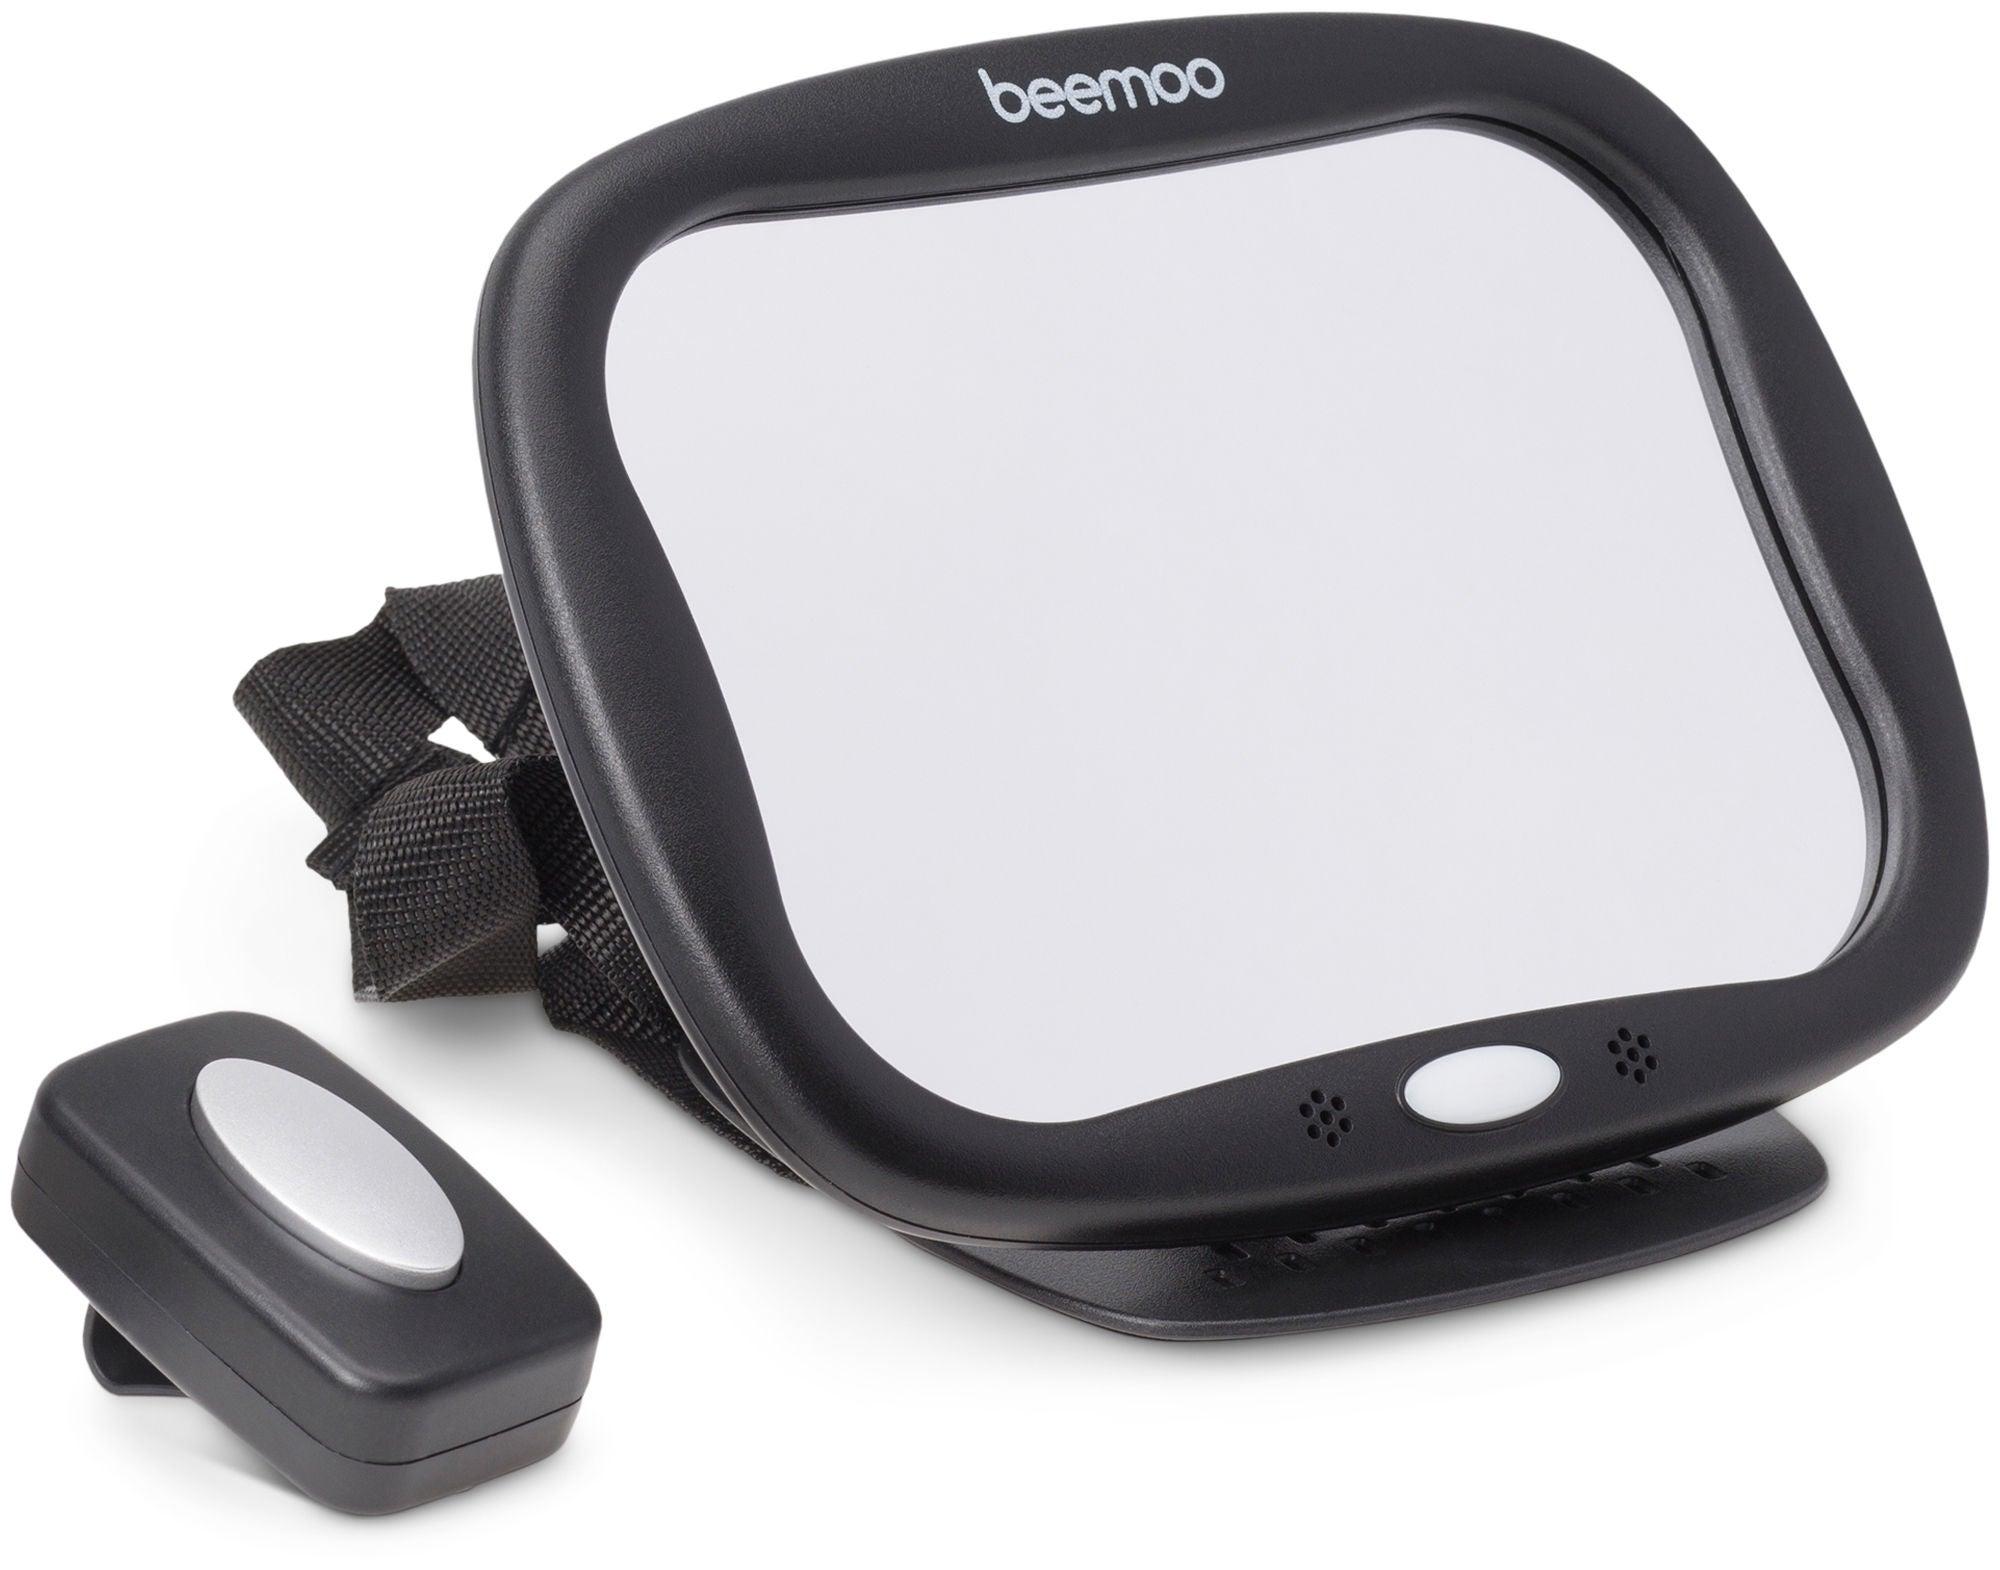 Beemoo Autopeili Led-valoilla